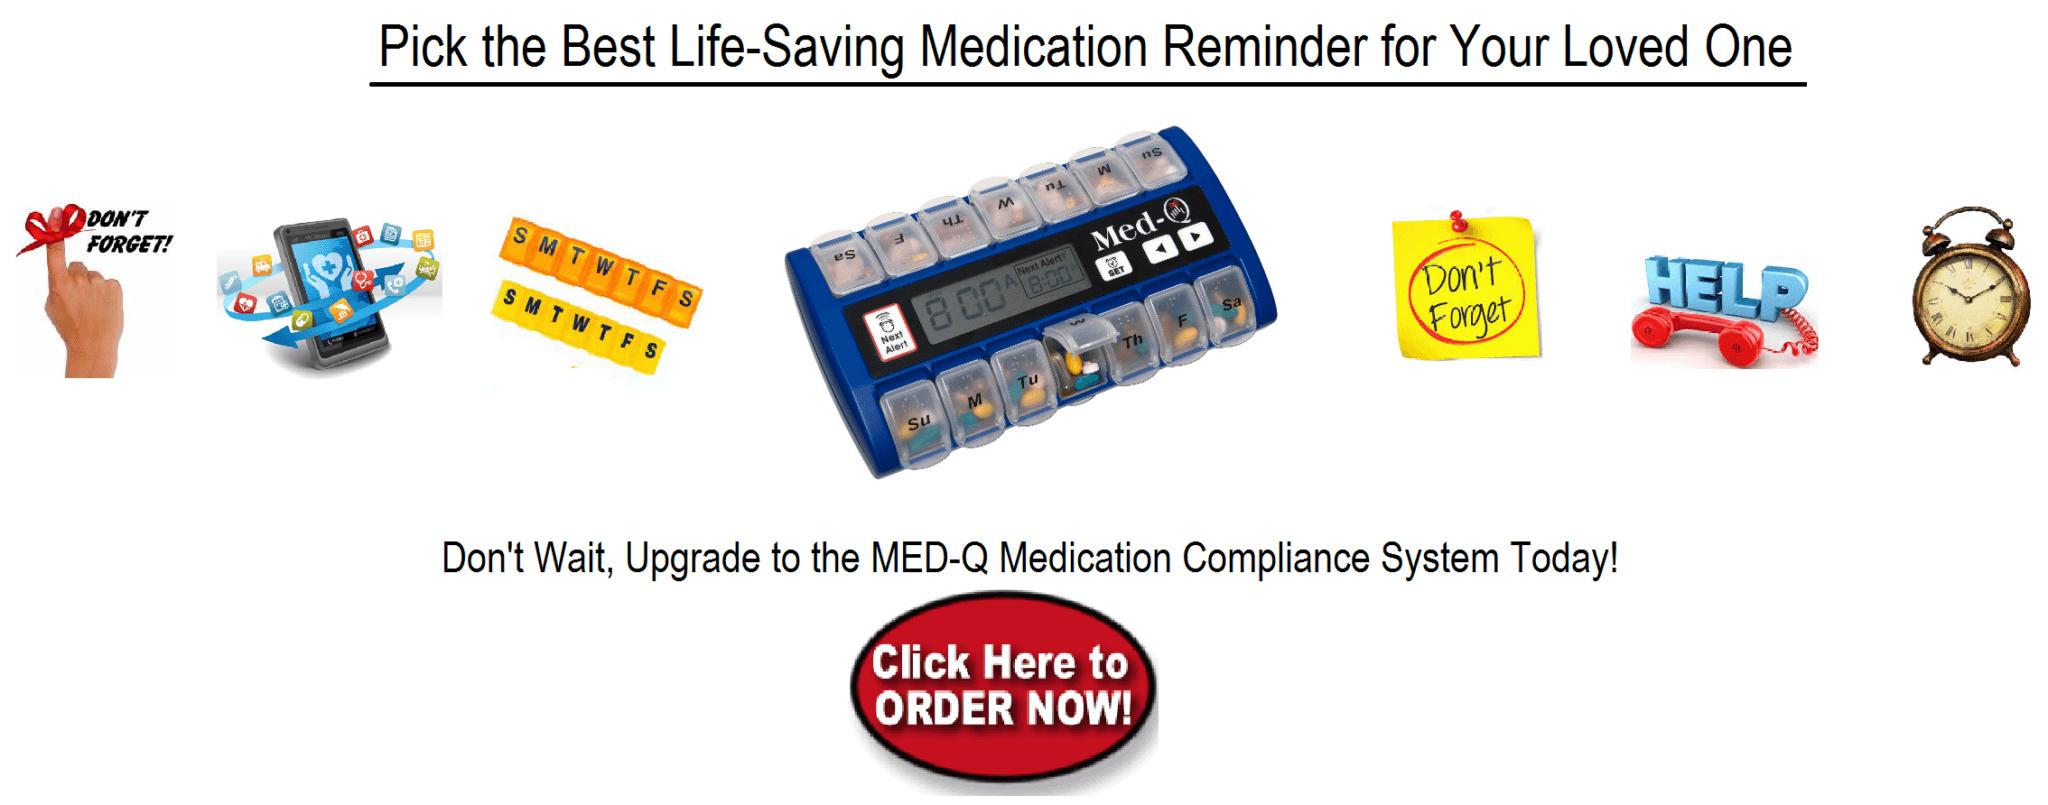 smart medication reminder